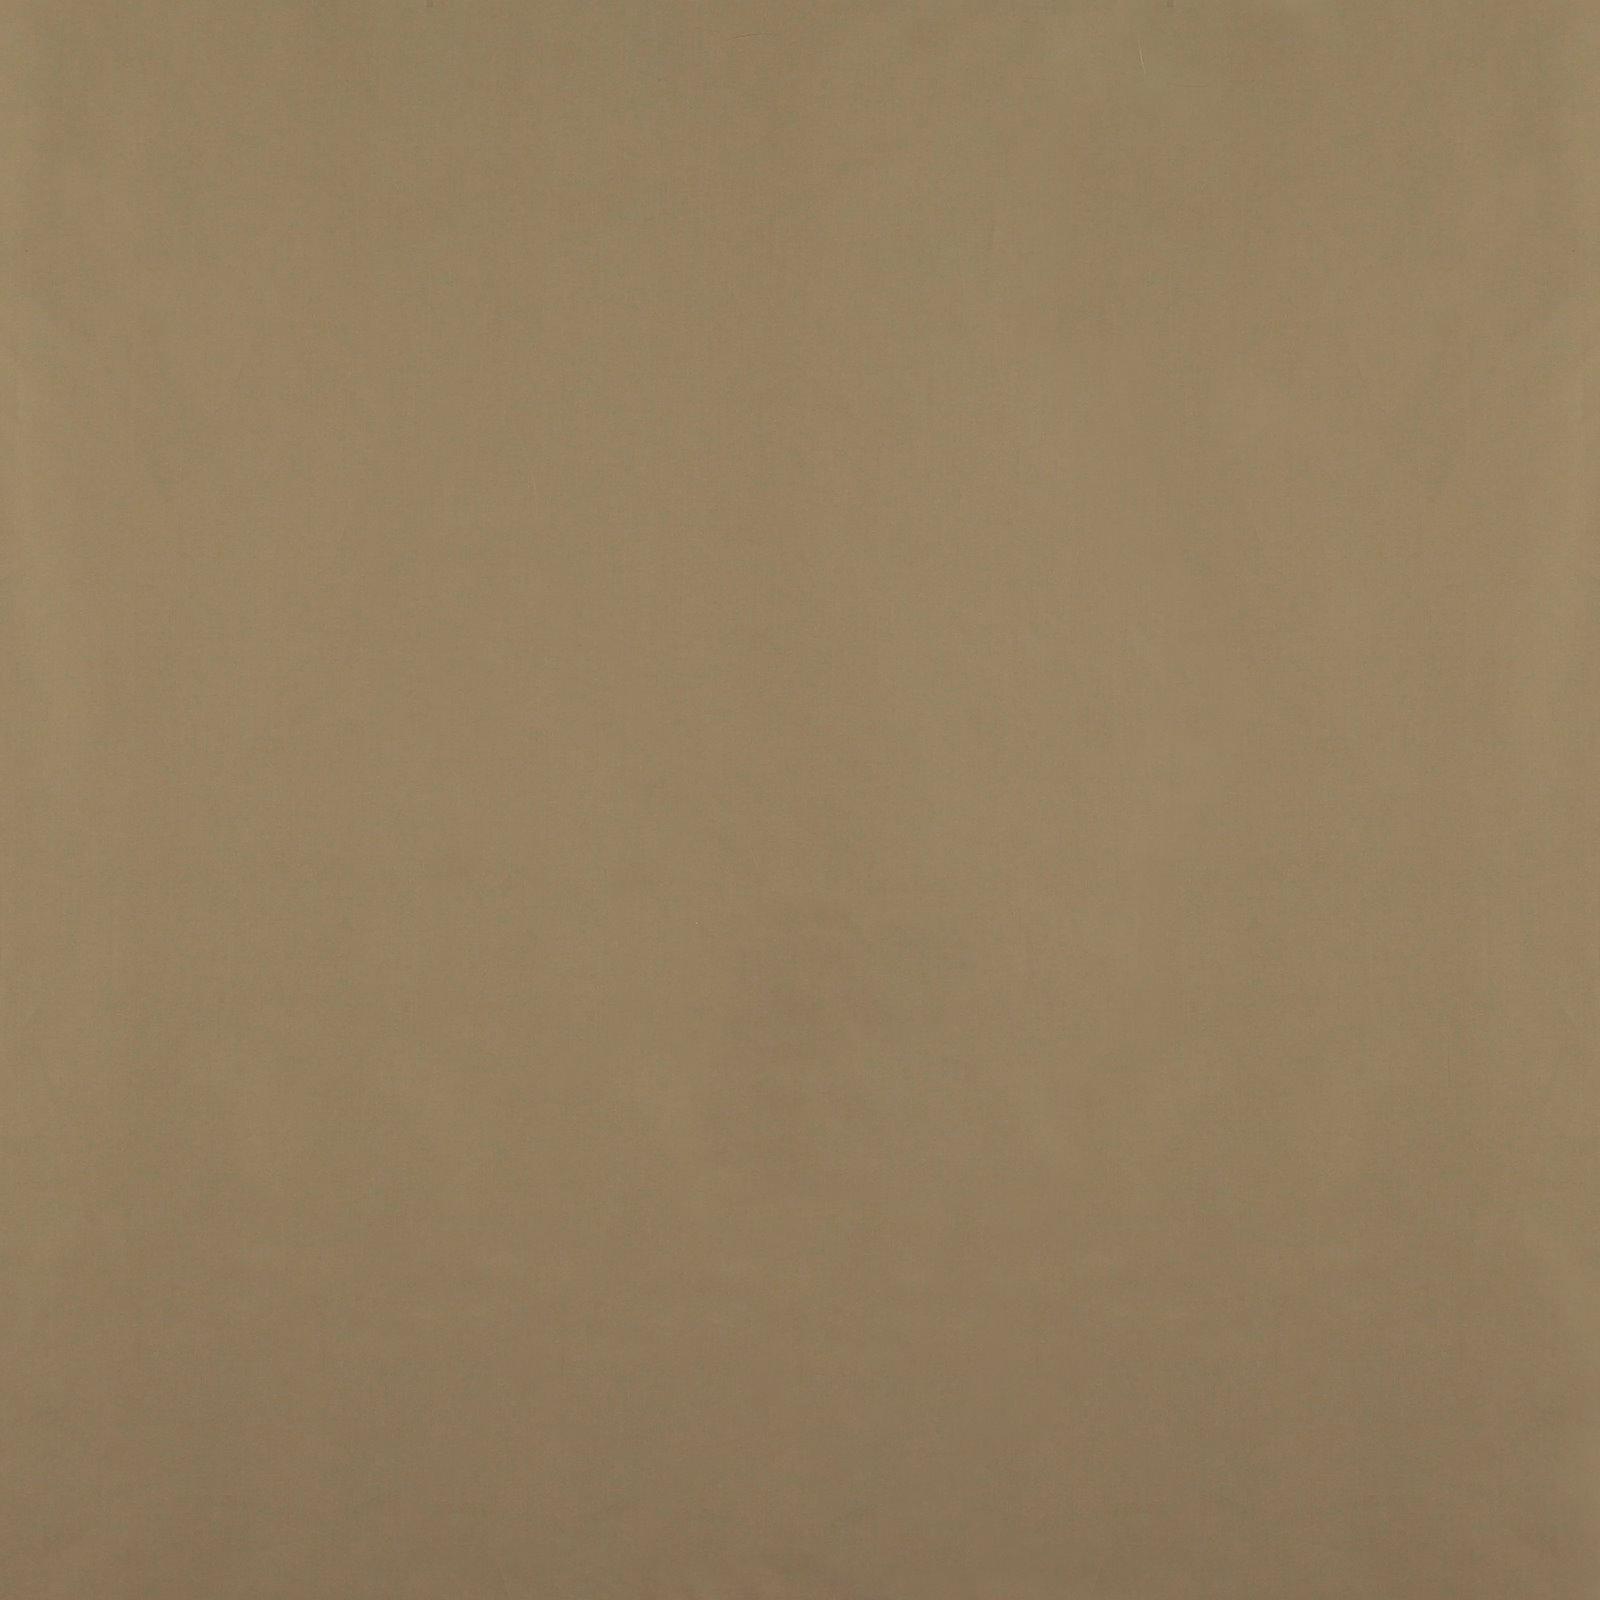 Cotton poplin dark beige 540120_pack_solid